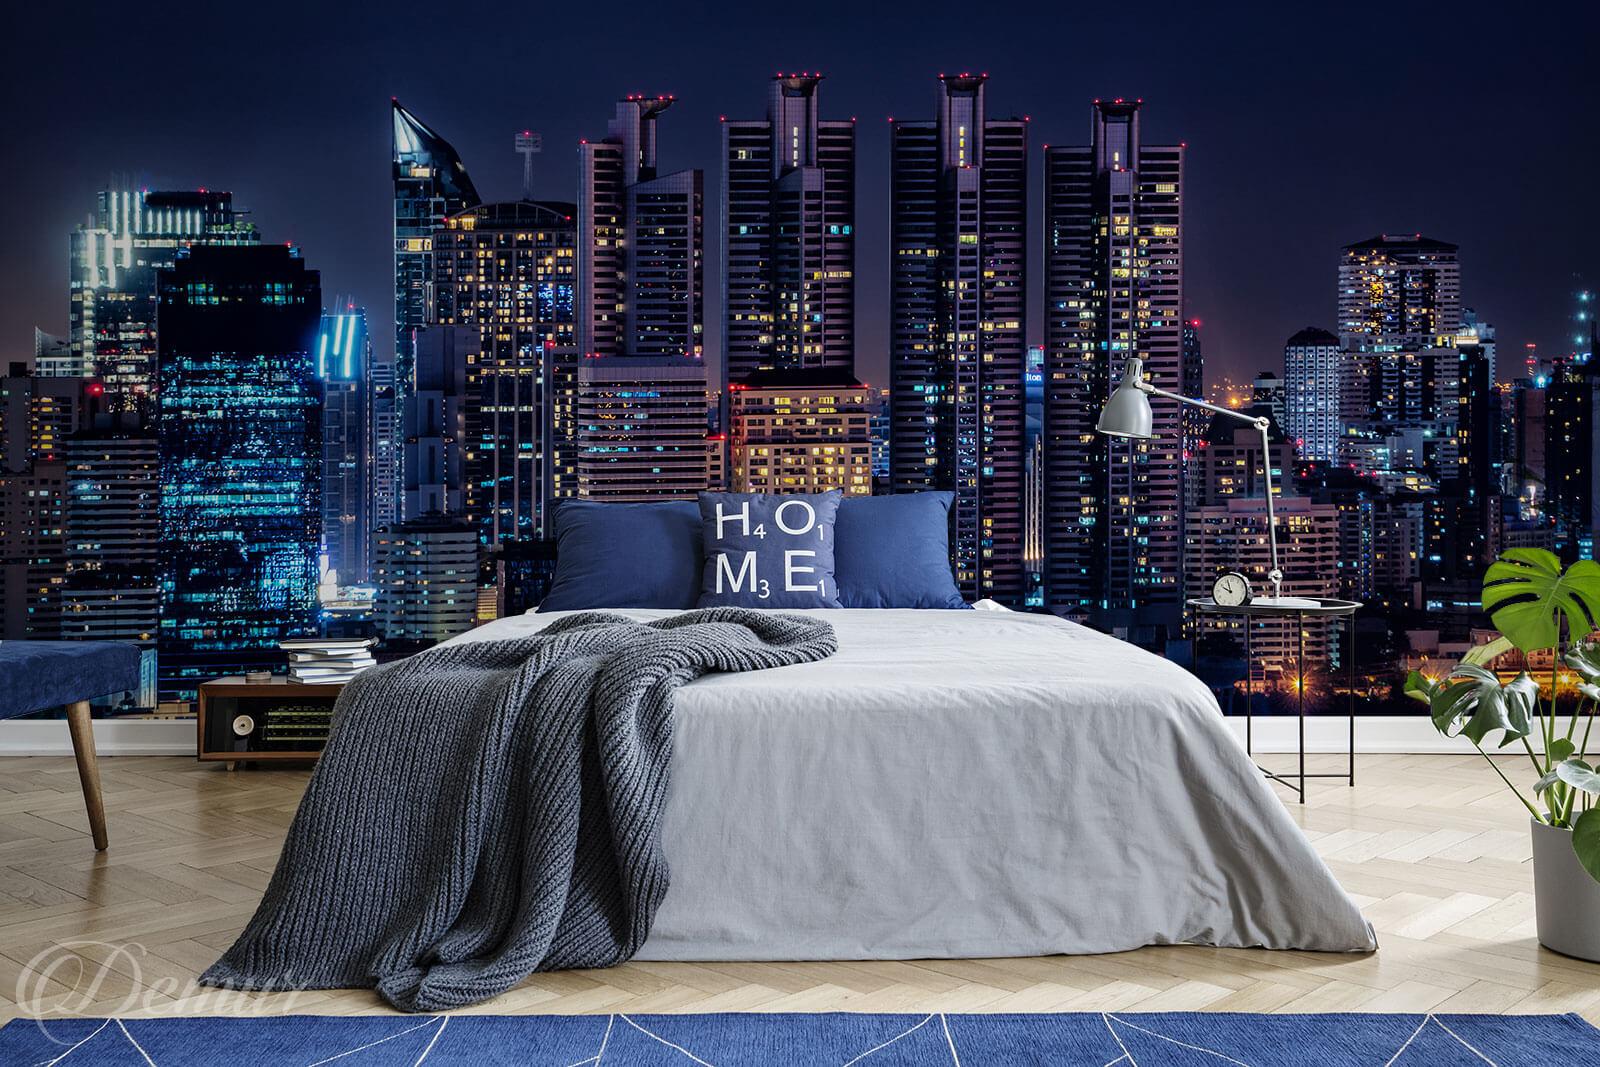 Fototapeta Nocne miasto - Fototapeta w sypialni - Demur